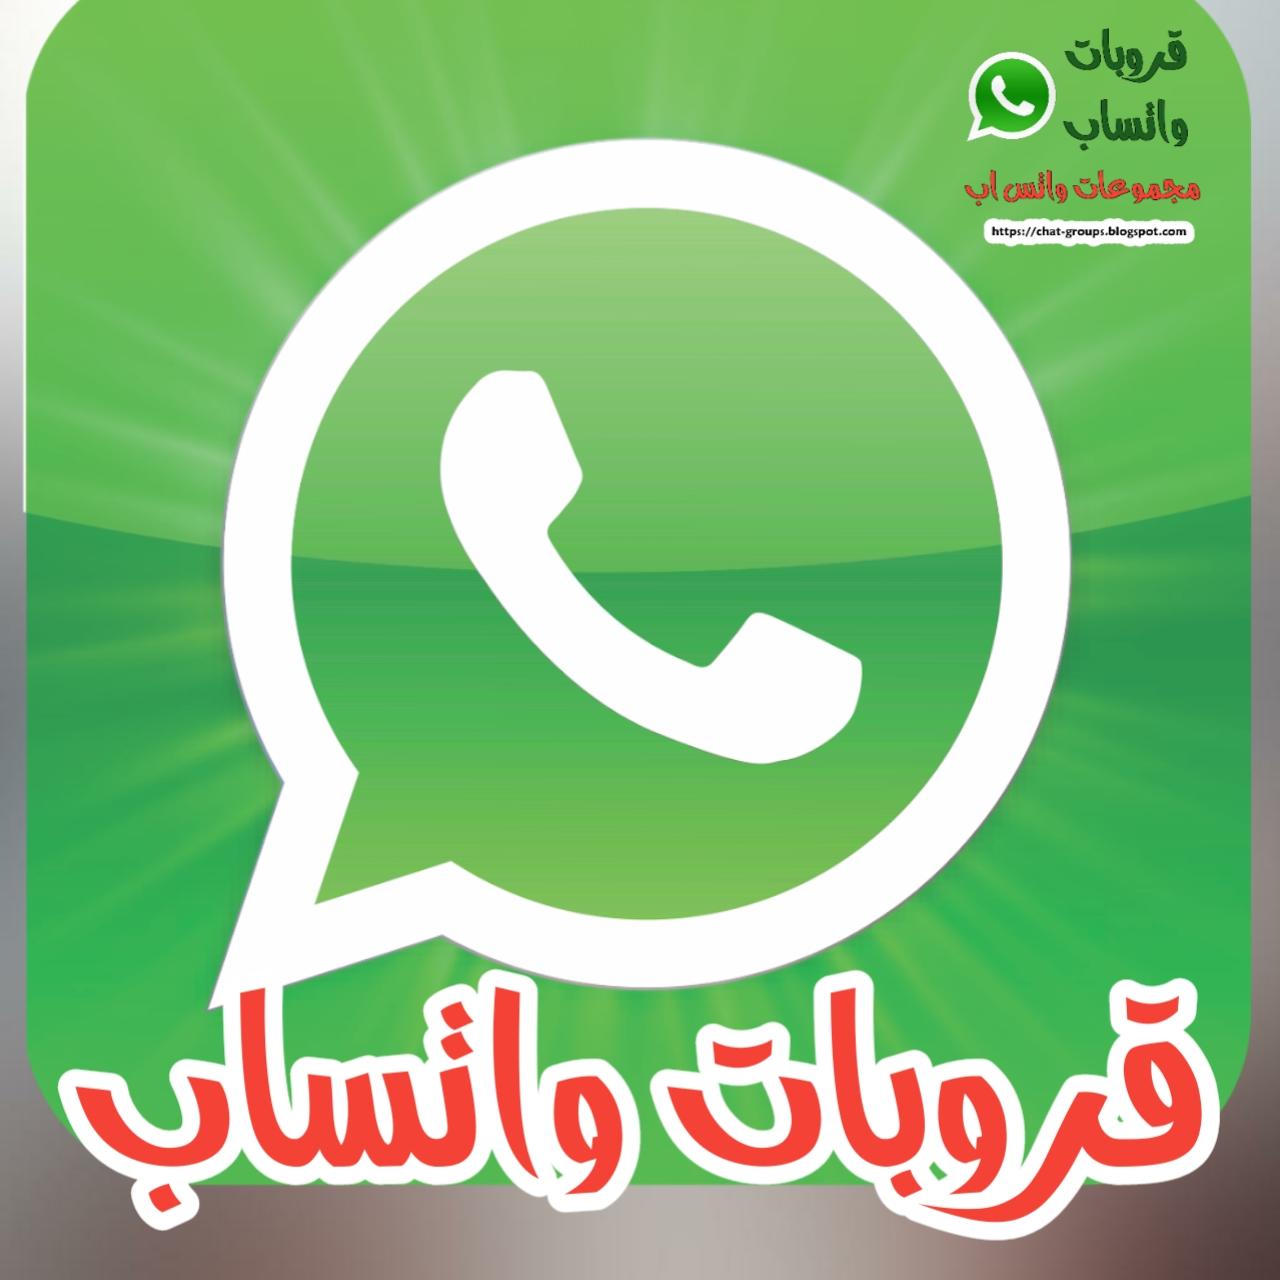 قروبات واتساب بنات 2021 لينكات جروبات مصر والسعودية والامارات ولبنان وسوربا والمغرب Whatsapp Group